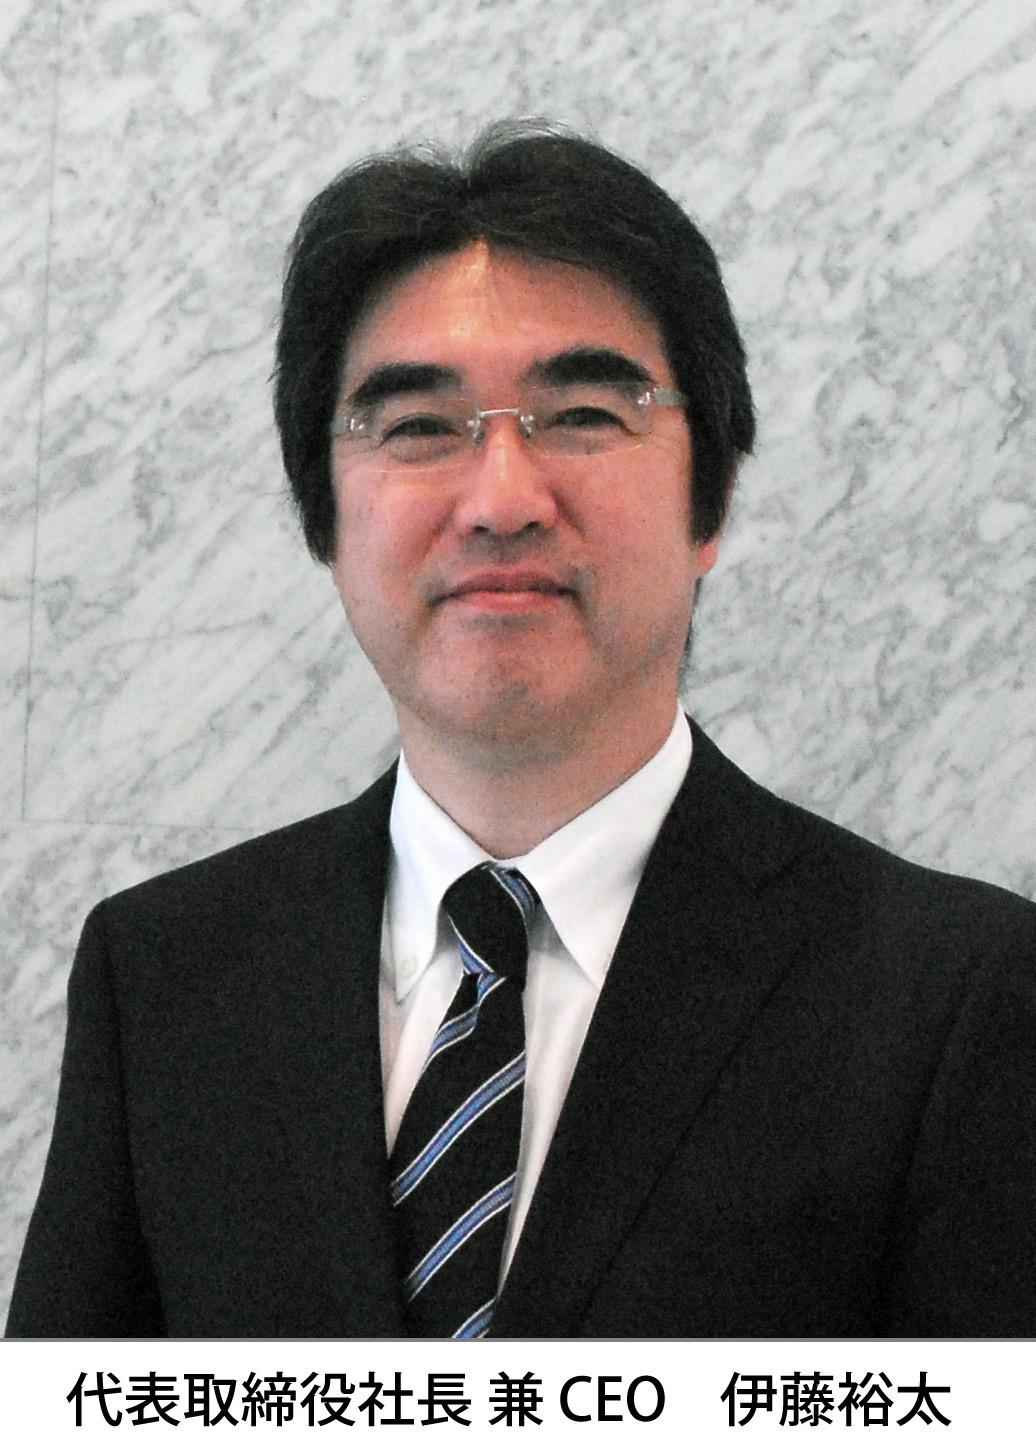 代表取締役 伊藤裕太